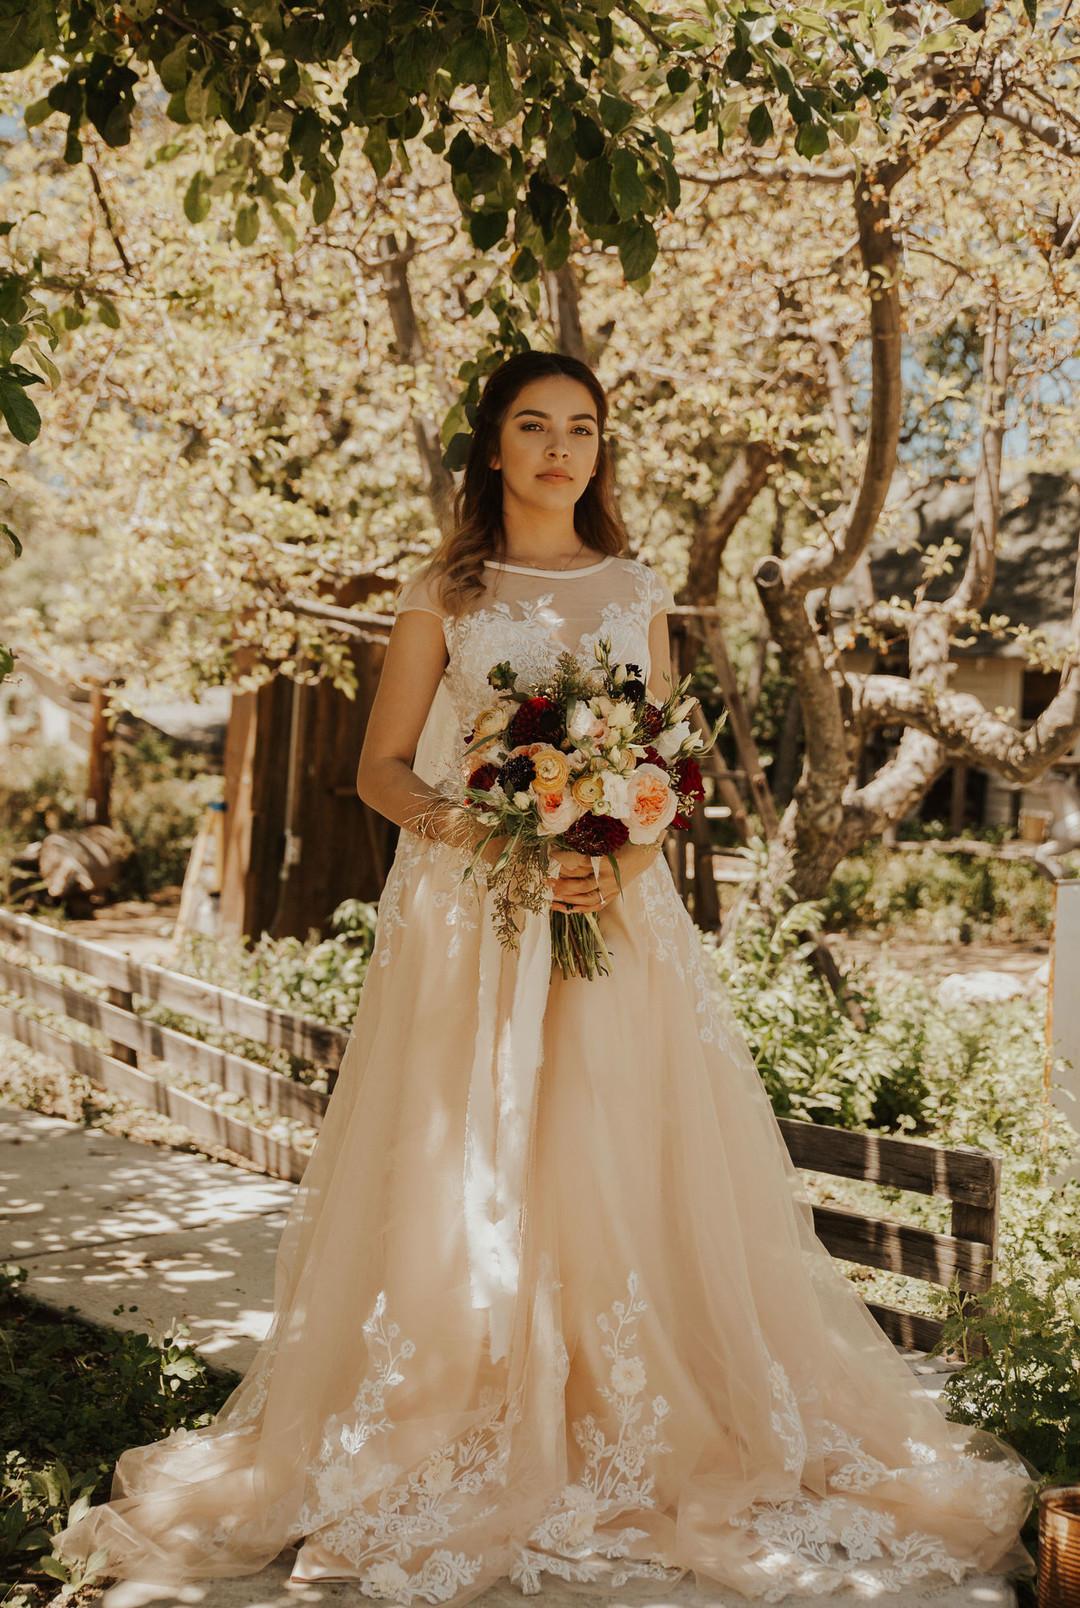 bröllop+romantiskt+lantligt+klänning